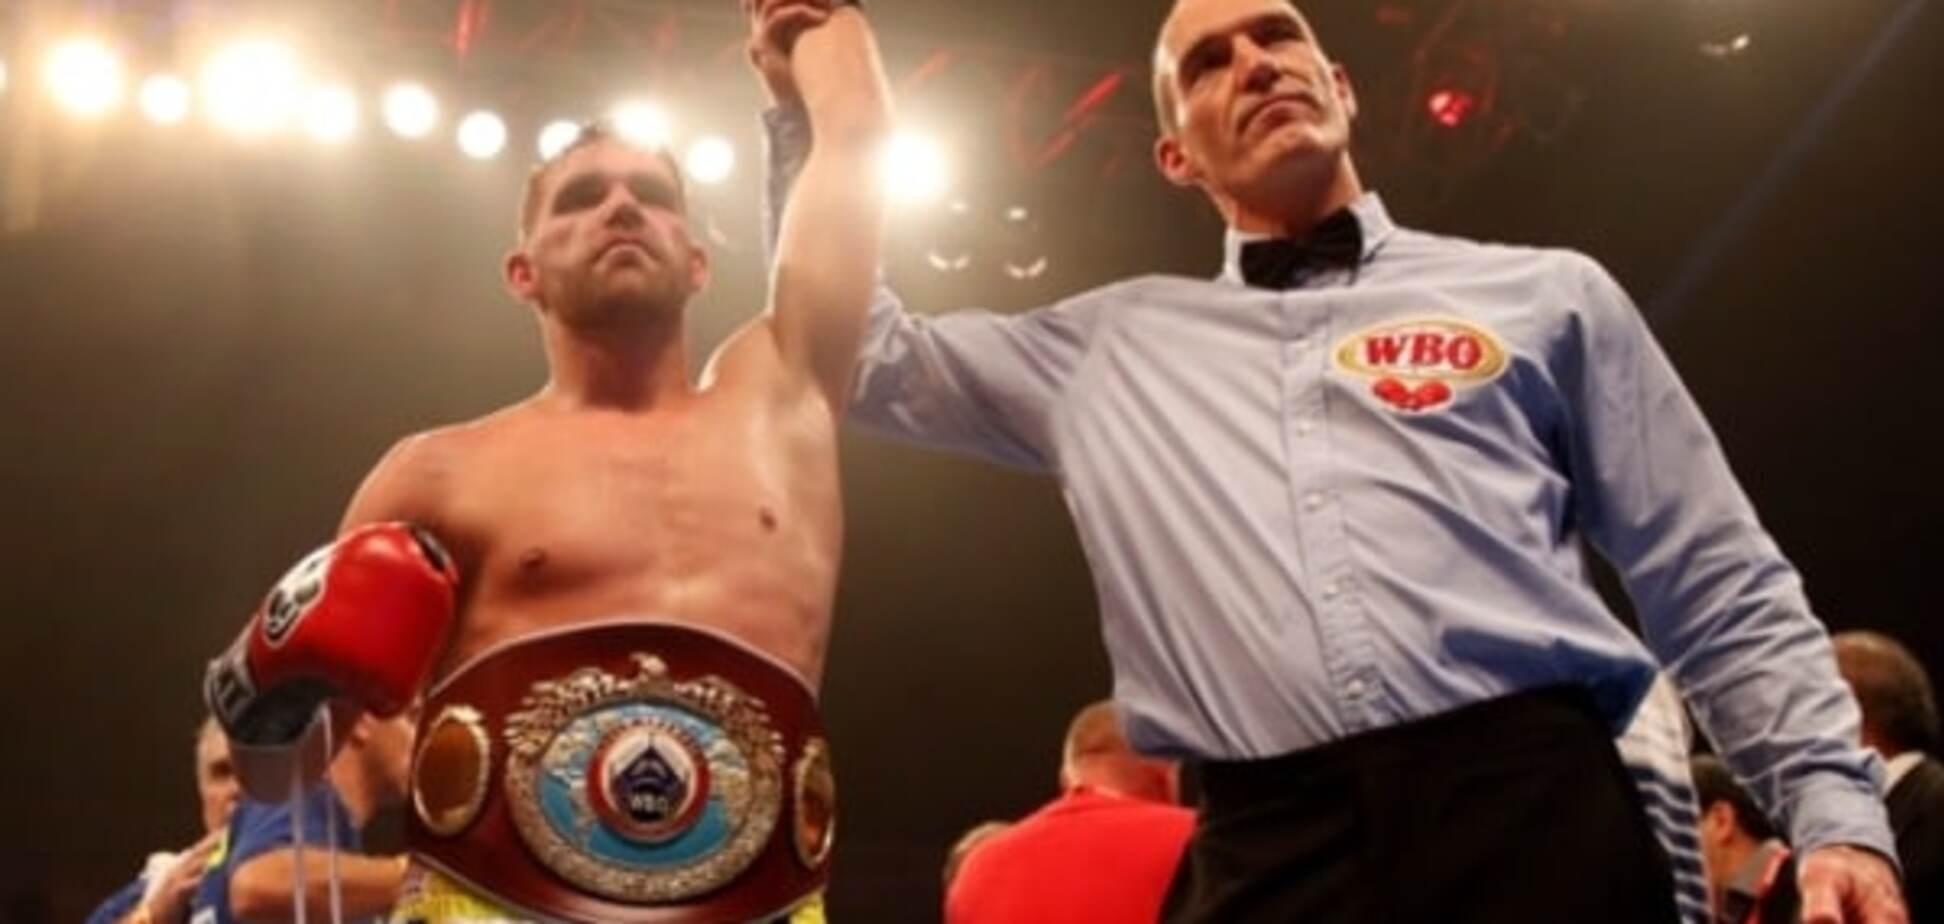 'Базіка злякався': непереможний чемпіон світу відмовився від бою з українським боксером